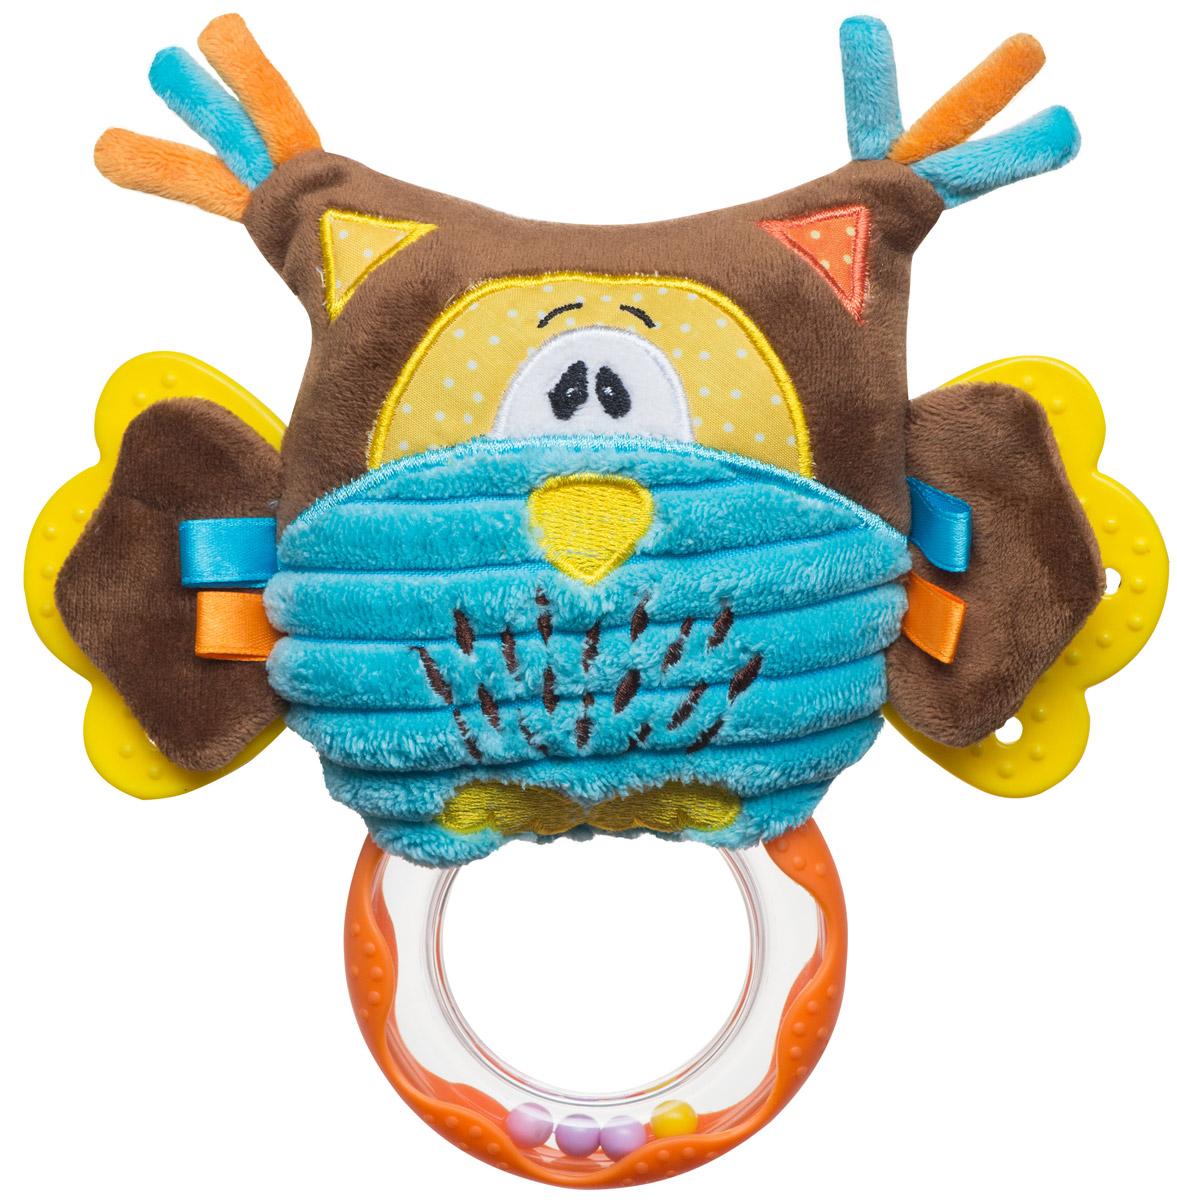 BabyOno Развивающая игрушка Совенок1388Мягкая развивающая игрушка BabyOno Совенок обязательно привлечет внимание вашего малыша. Игрушка выполнена из безопасных и приятных на ощупь материалов в виде очаровательной совы. В крыльях совы находятся шуршащие элементы, на теле - разноцветные ленточки, способствующие развитию осязания. Нажав на игрушку, малыш услышит забавный писк. Также на теле игрушки присутствуют два прорезывателя, которые помогут ребенку в период прорезывания первых зубов. К сове прикреплена погремушка, развивающая навыки захвата ладонью. Игрушку легко можно прикрепить к кроватке, коляске, автокреслу или игровой дуге малыша при помощи удобной застежки-липучки. Развивающая игрушка BabyOno Совенок поможет развить сенсорные, речевые способности ребенка и общую координацию его движений. Товар сертифицирован.